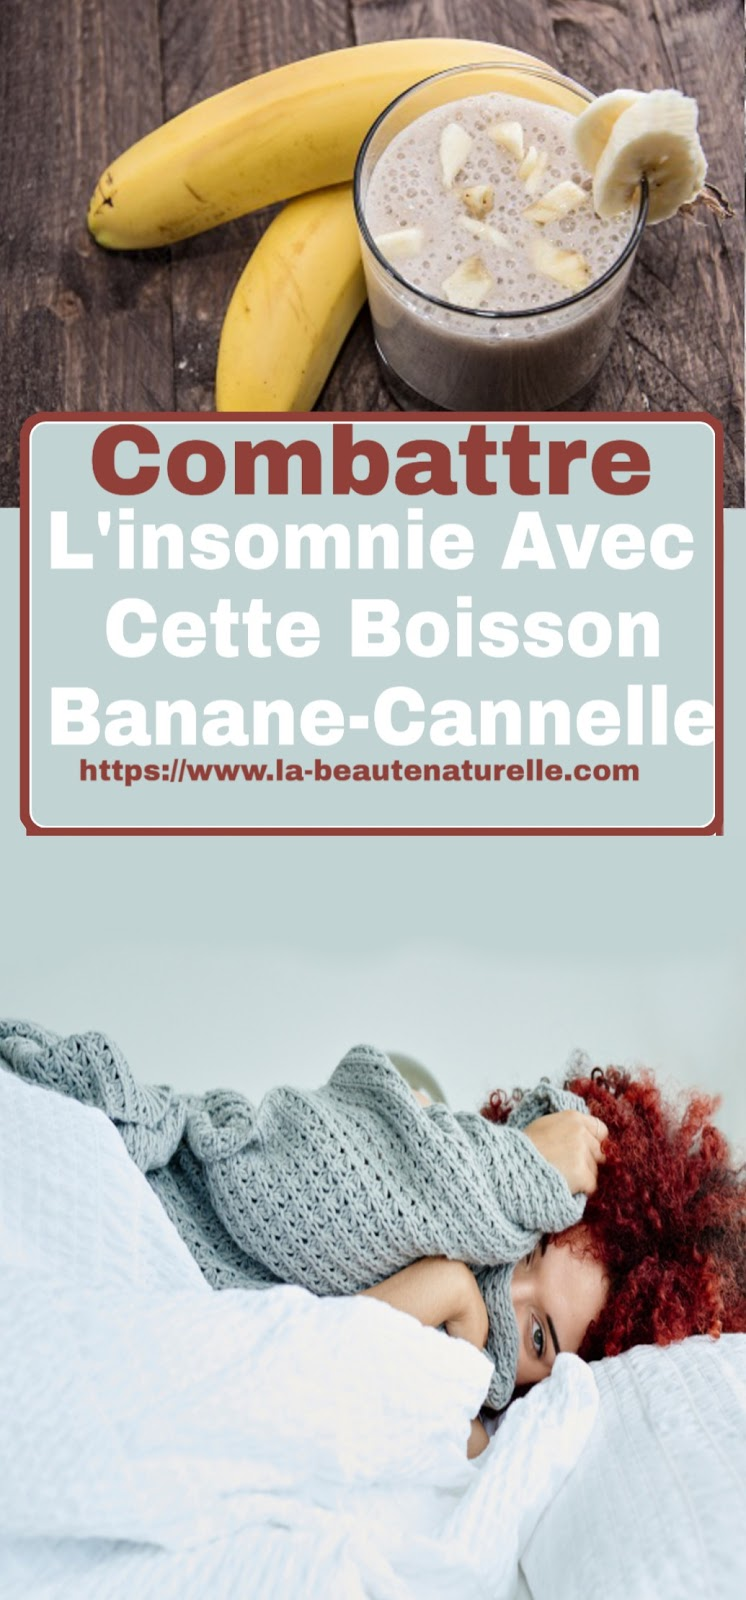 Combattre L'insomnie Avec Cette Boisson Banane-Cannelle